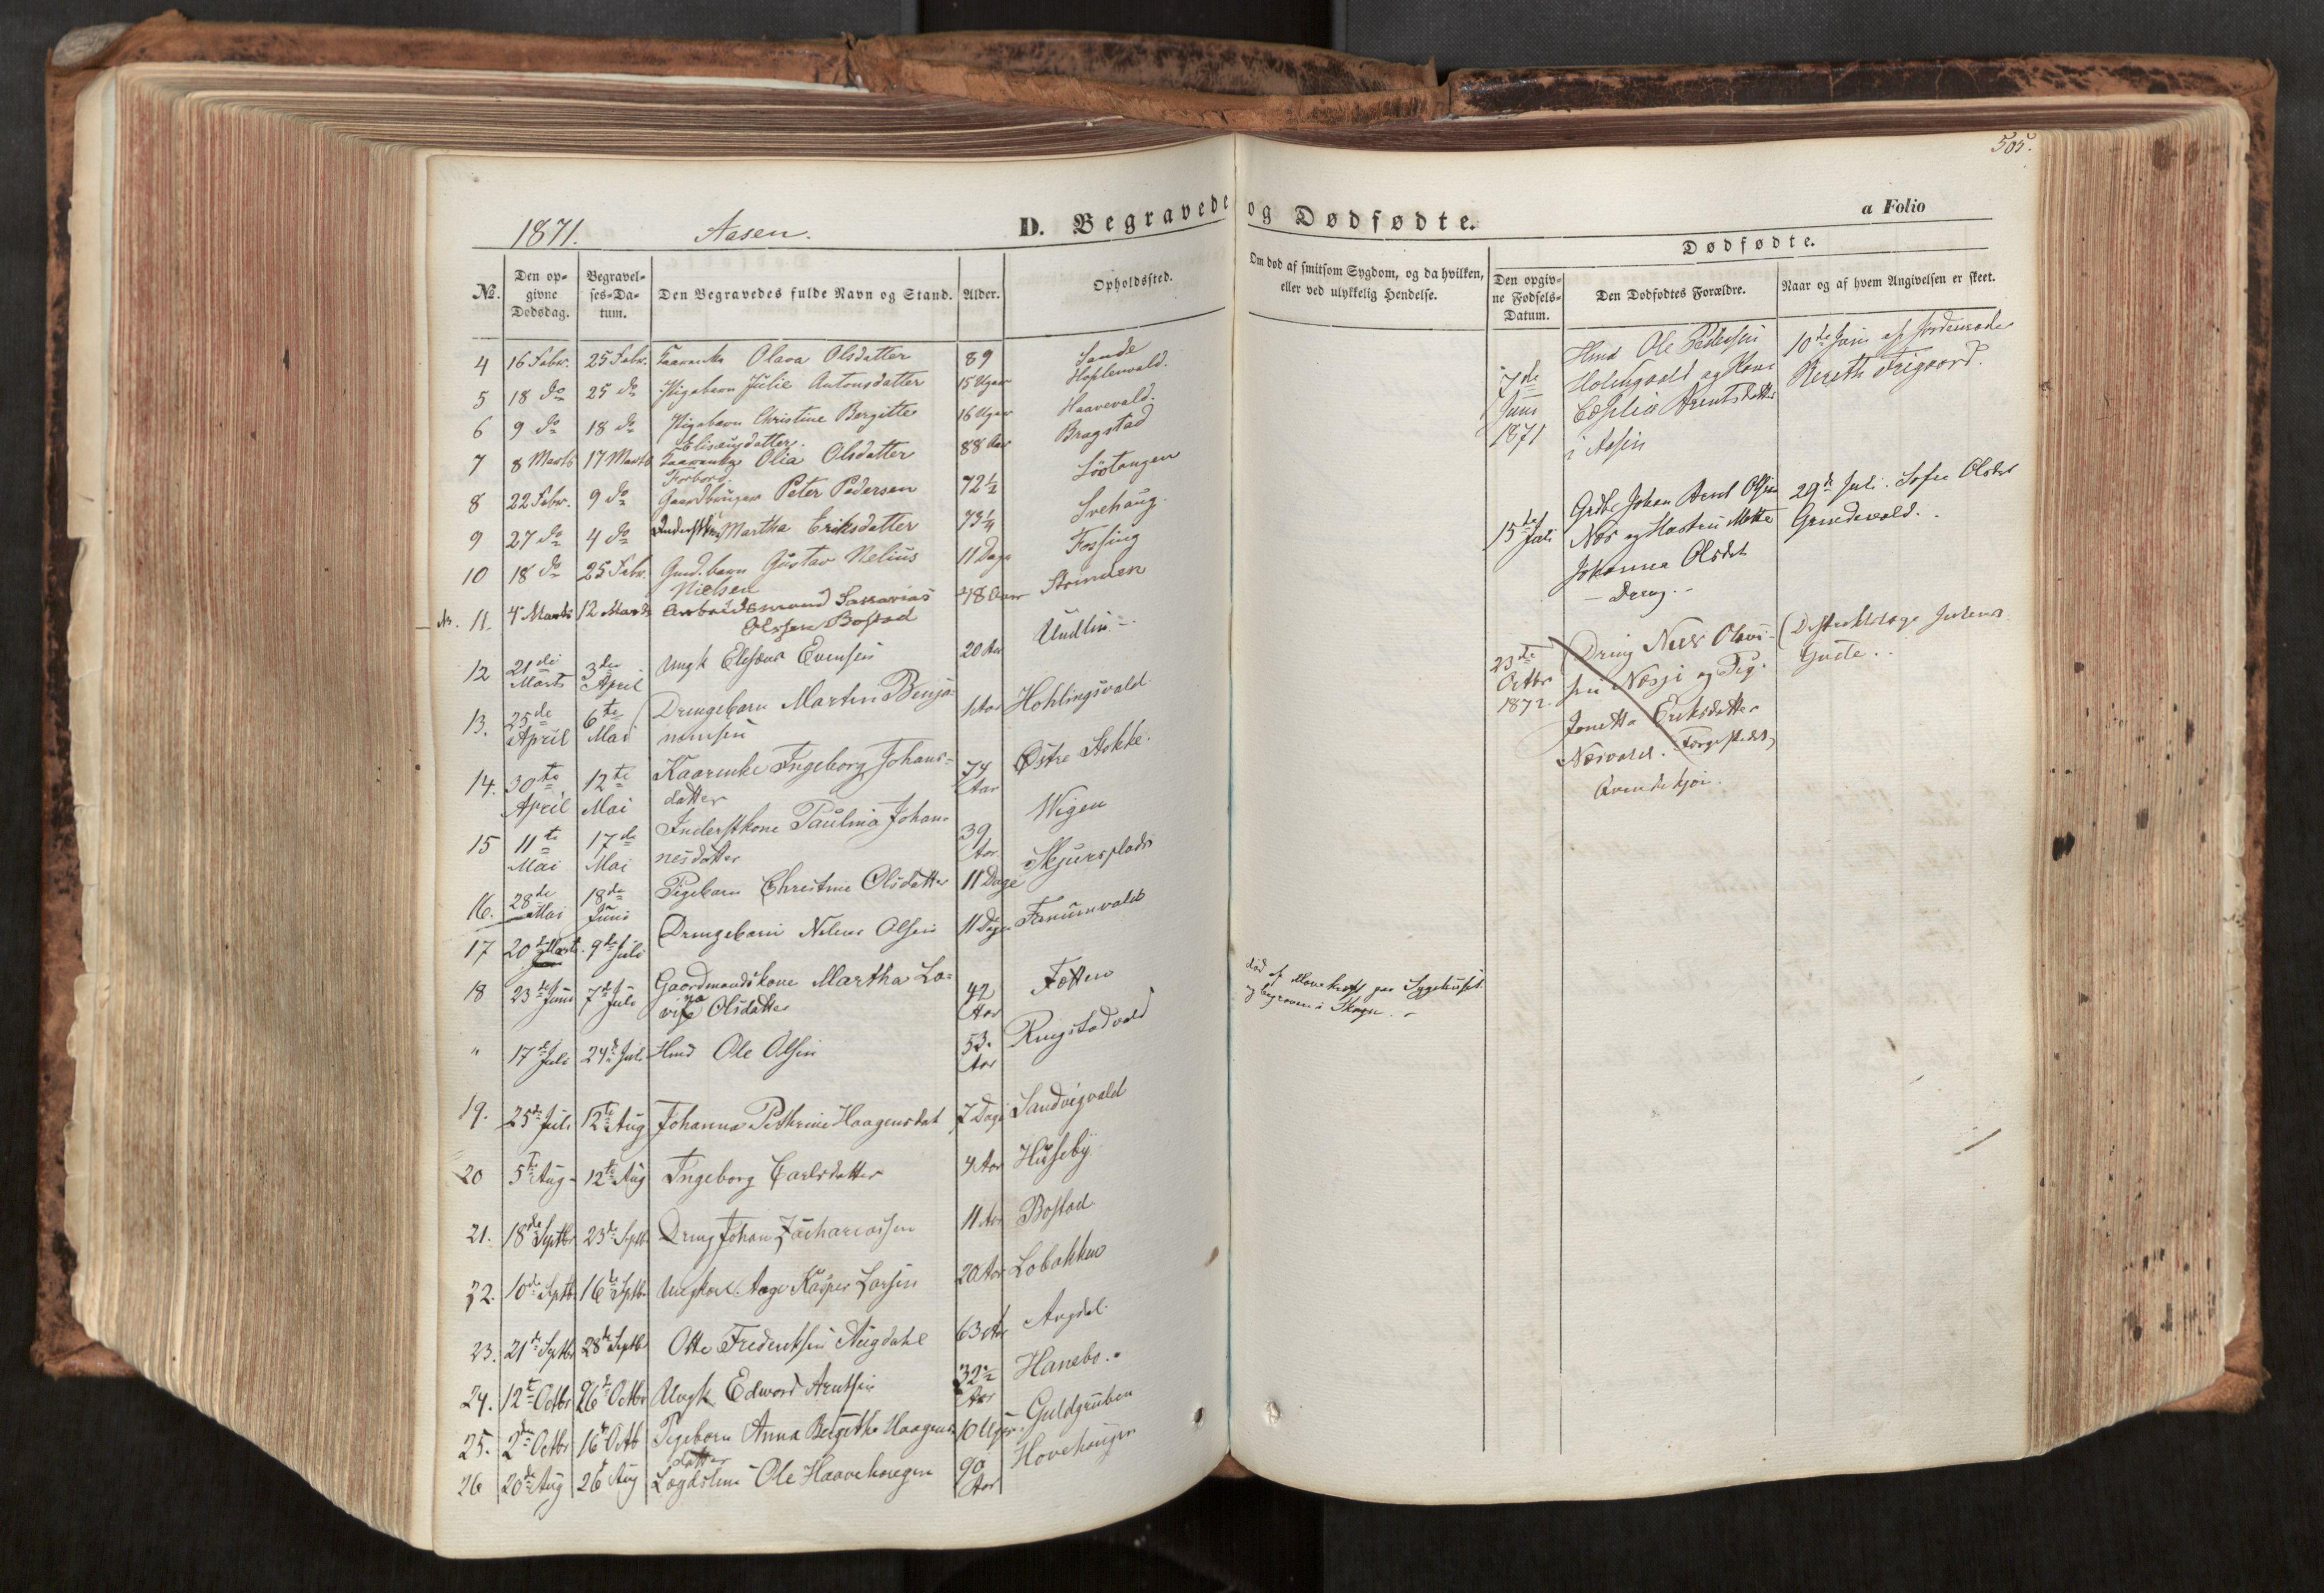 SAT, Ministerialprotokoller, klokkerbøker og fødselsregistre - Nord-Trøndelag, 713/L0116: Ministerialbok nr. 713A07, 1850-1877, s. 505